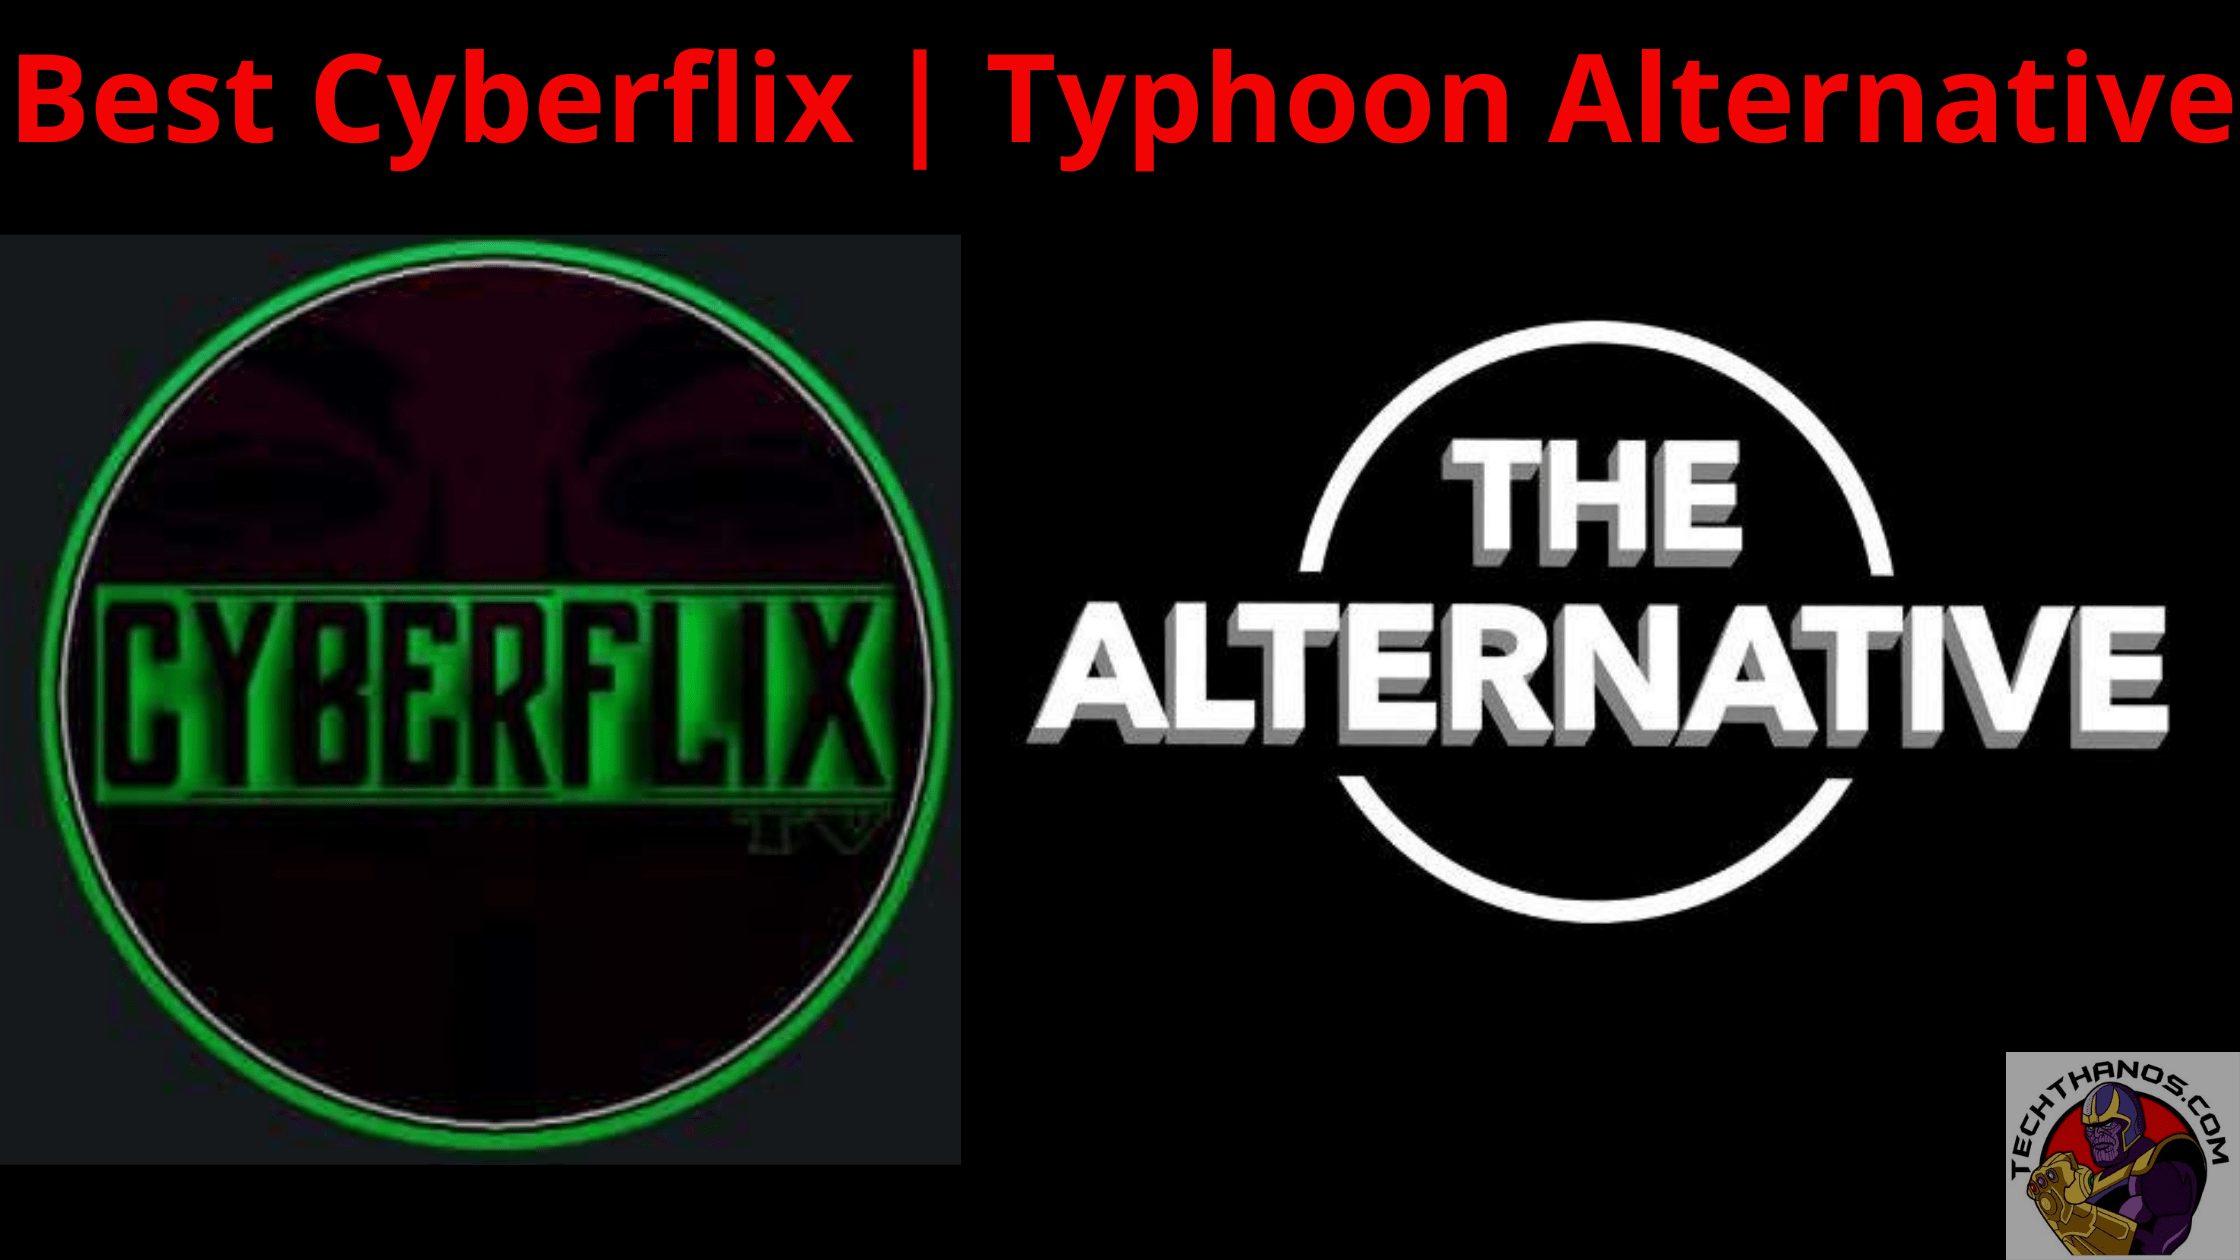 Cyberflix | Typhoon Alternative